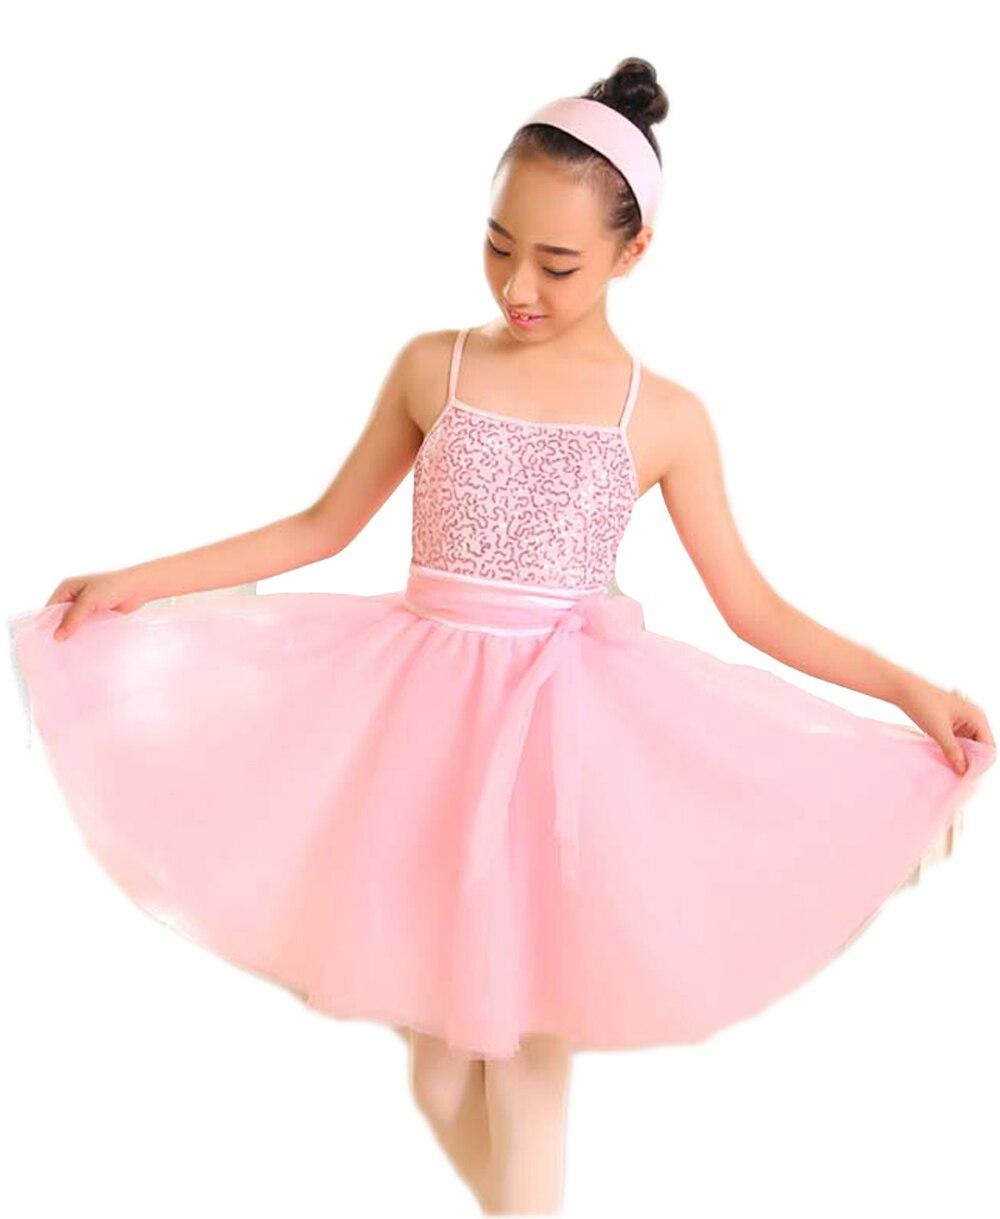 Adult Women Kids Girls Size Xxxl 4xl 5xl Classic Ballet Tutu Skirt Dress Ballet Costume Abiye Gece Elbisesi